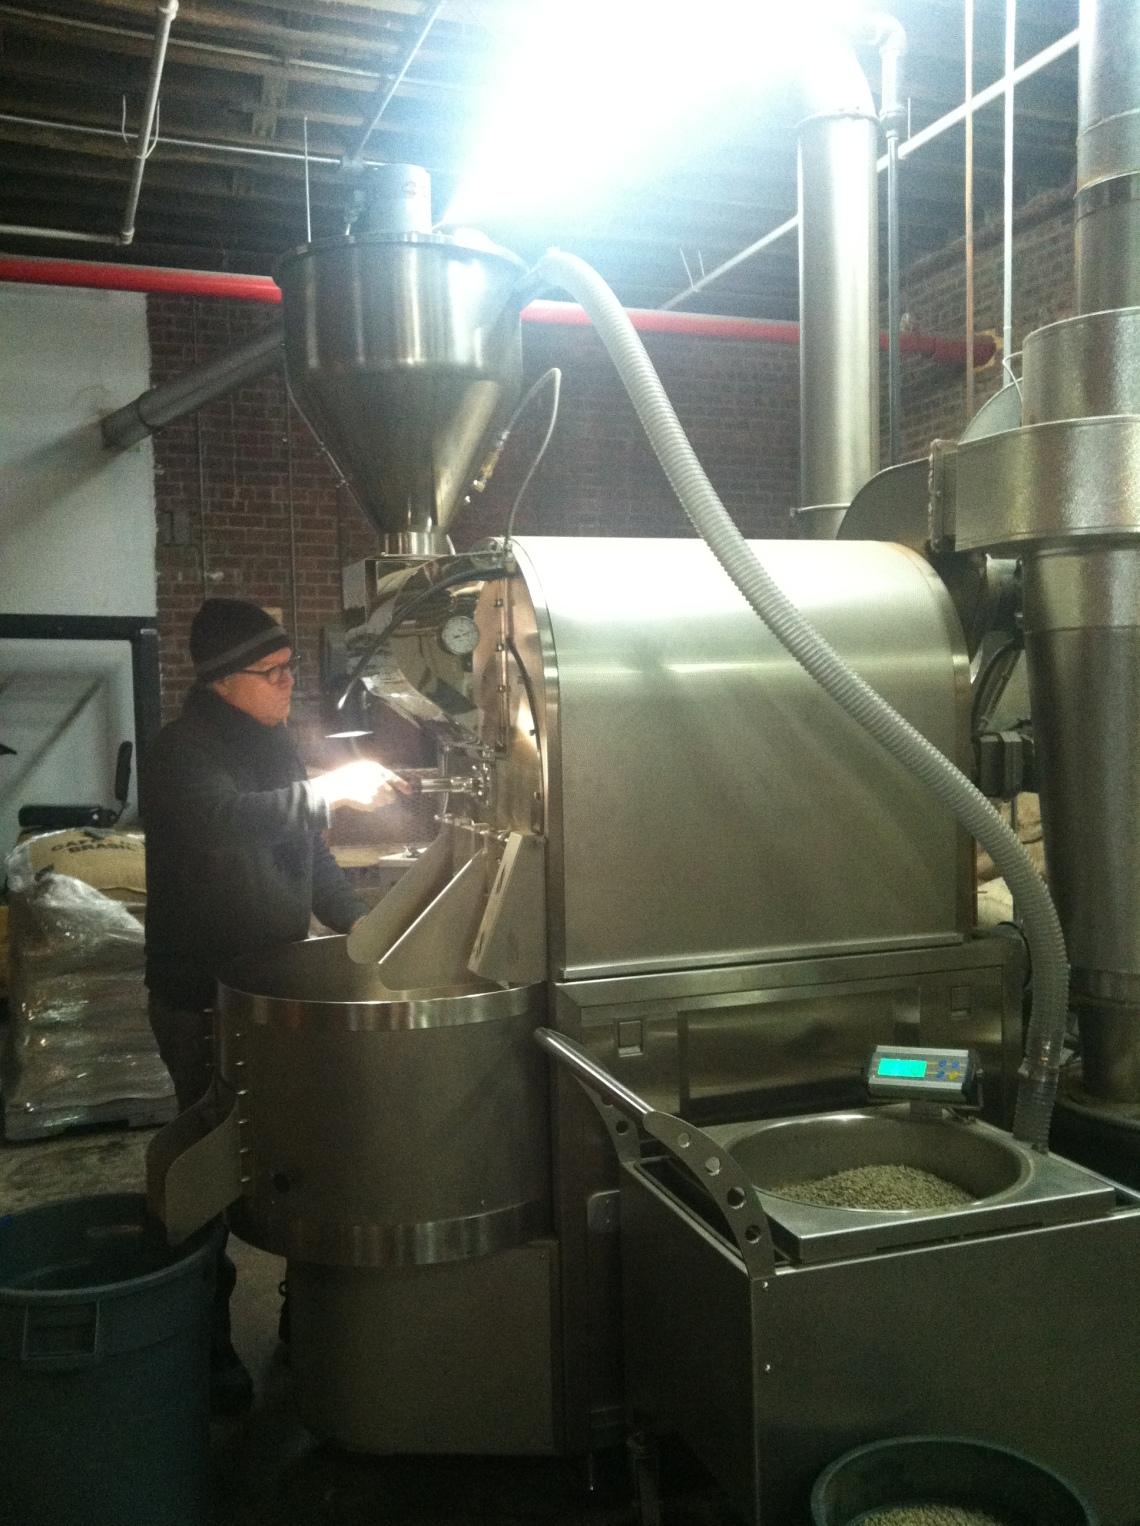 Chris Caulkins roasting for Prodigy Coffee under Gotham Roasters